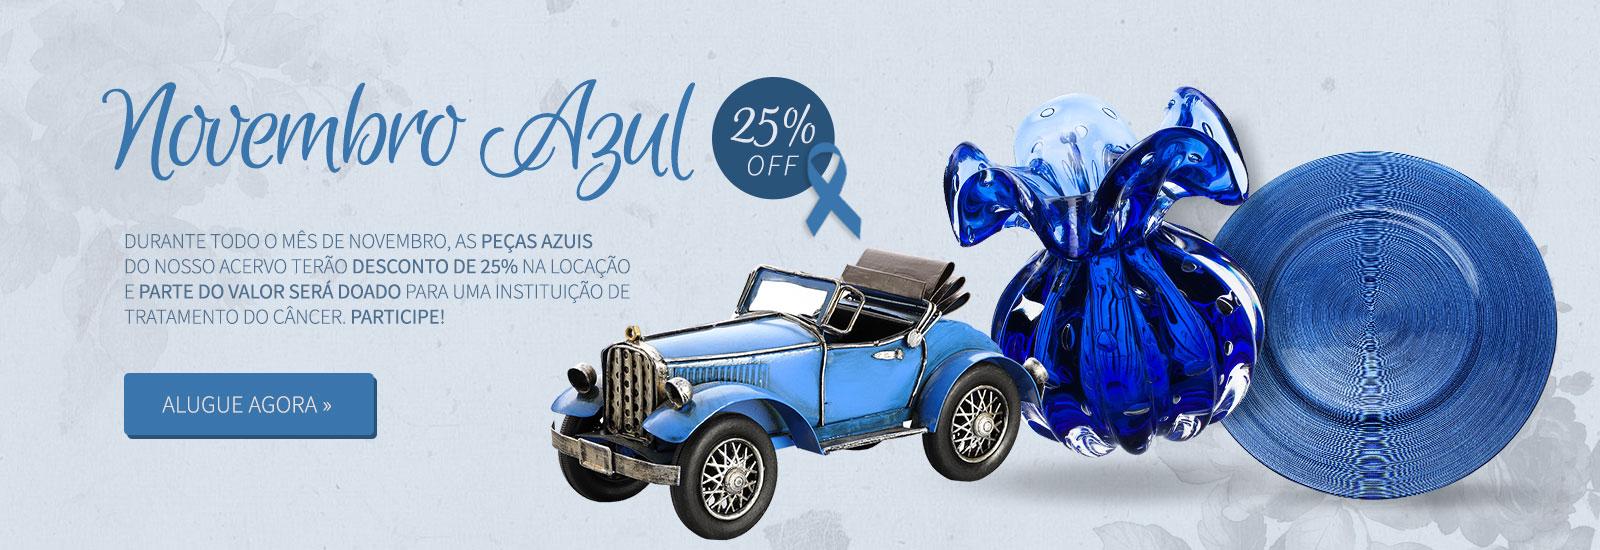 Todas as peças azuis com 25% de desconto somente em Novembro!